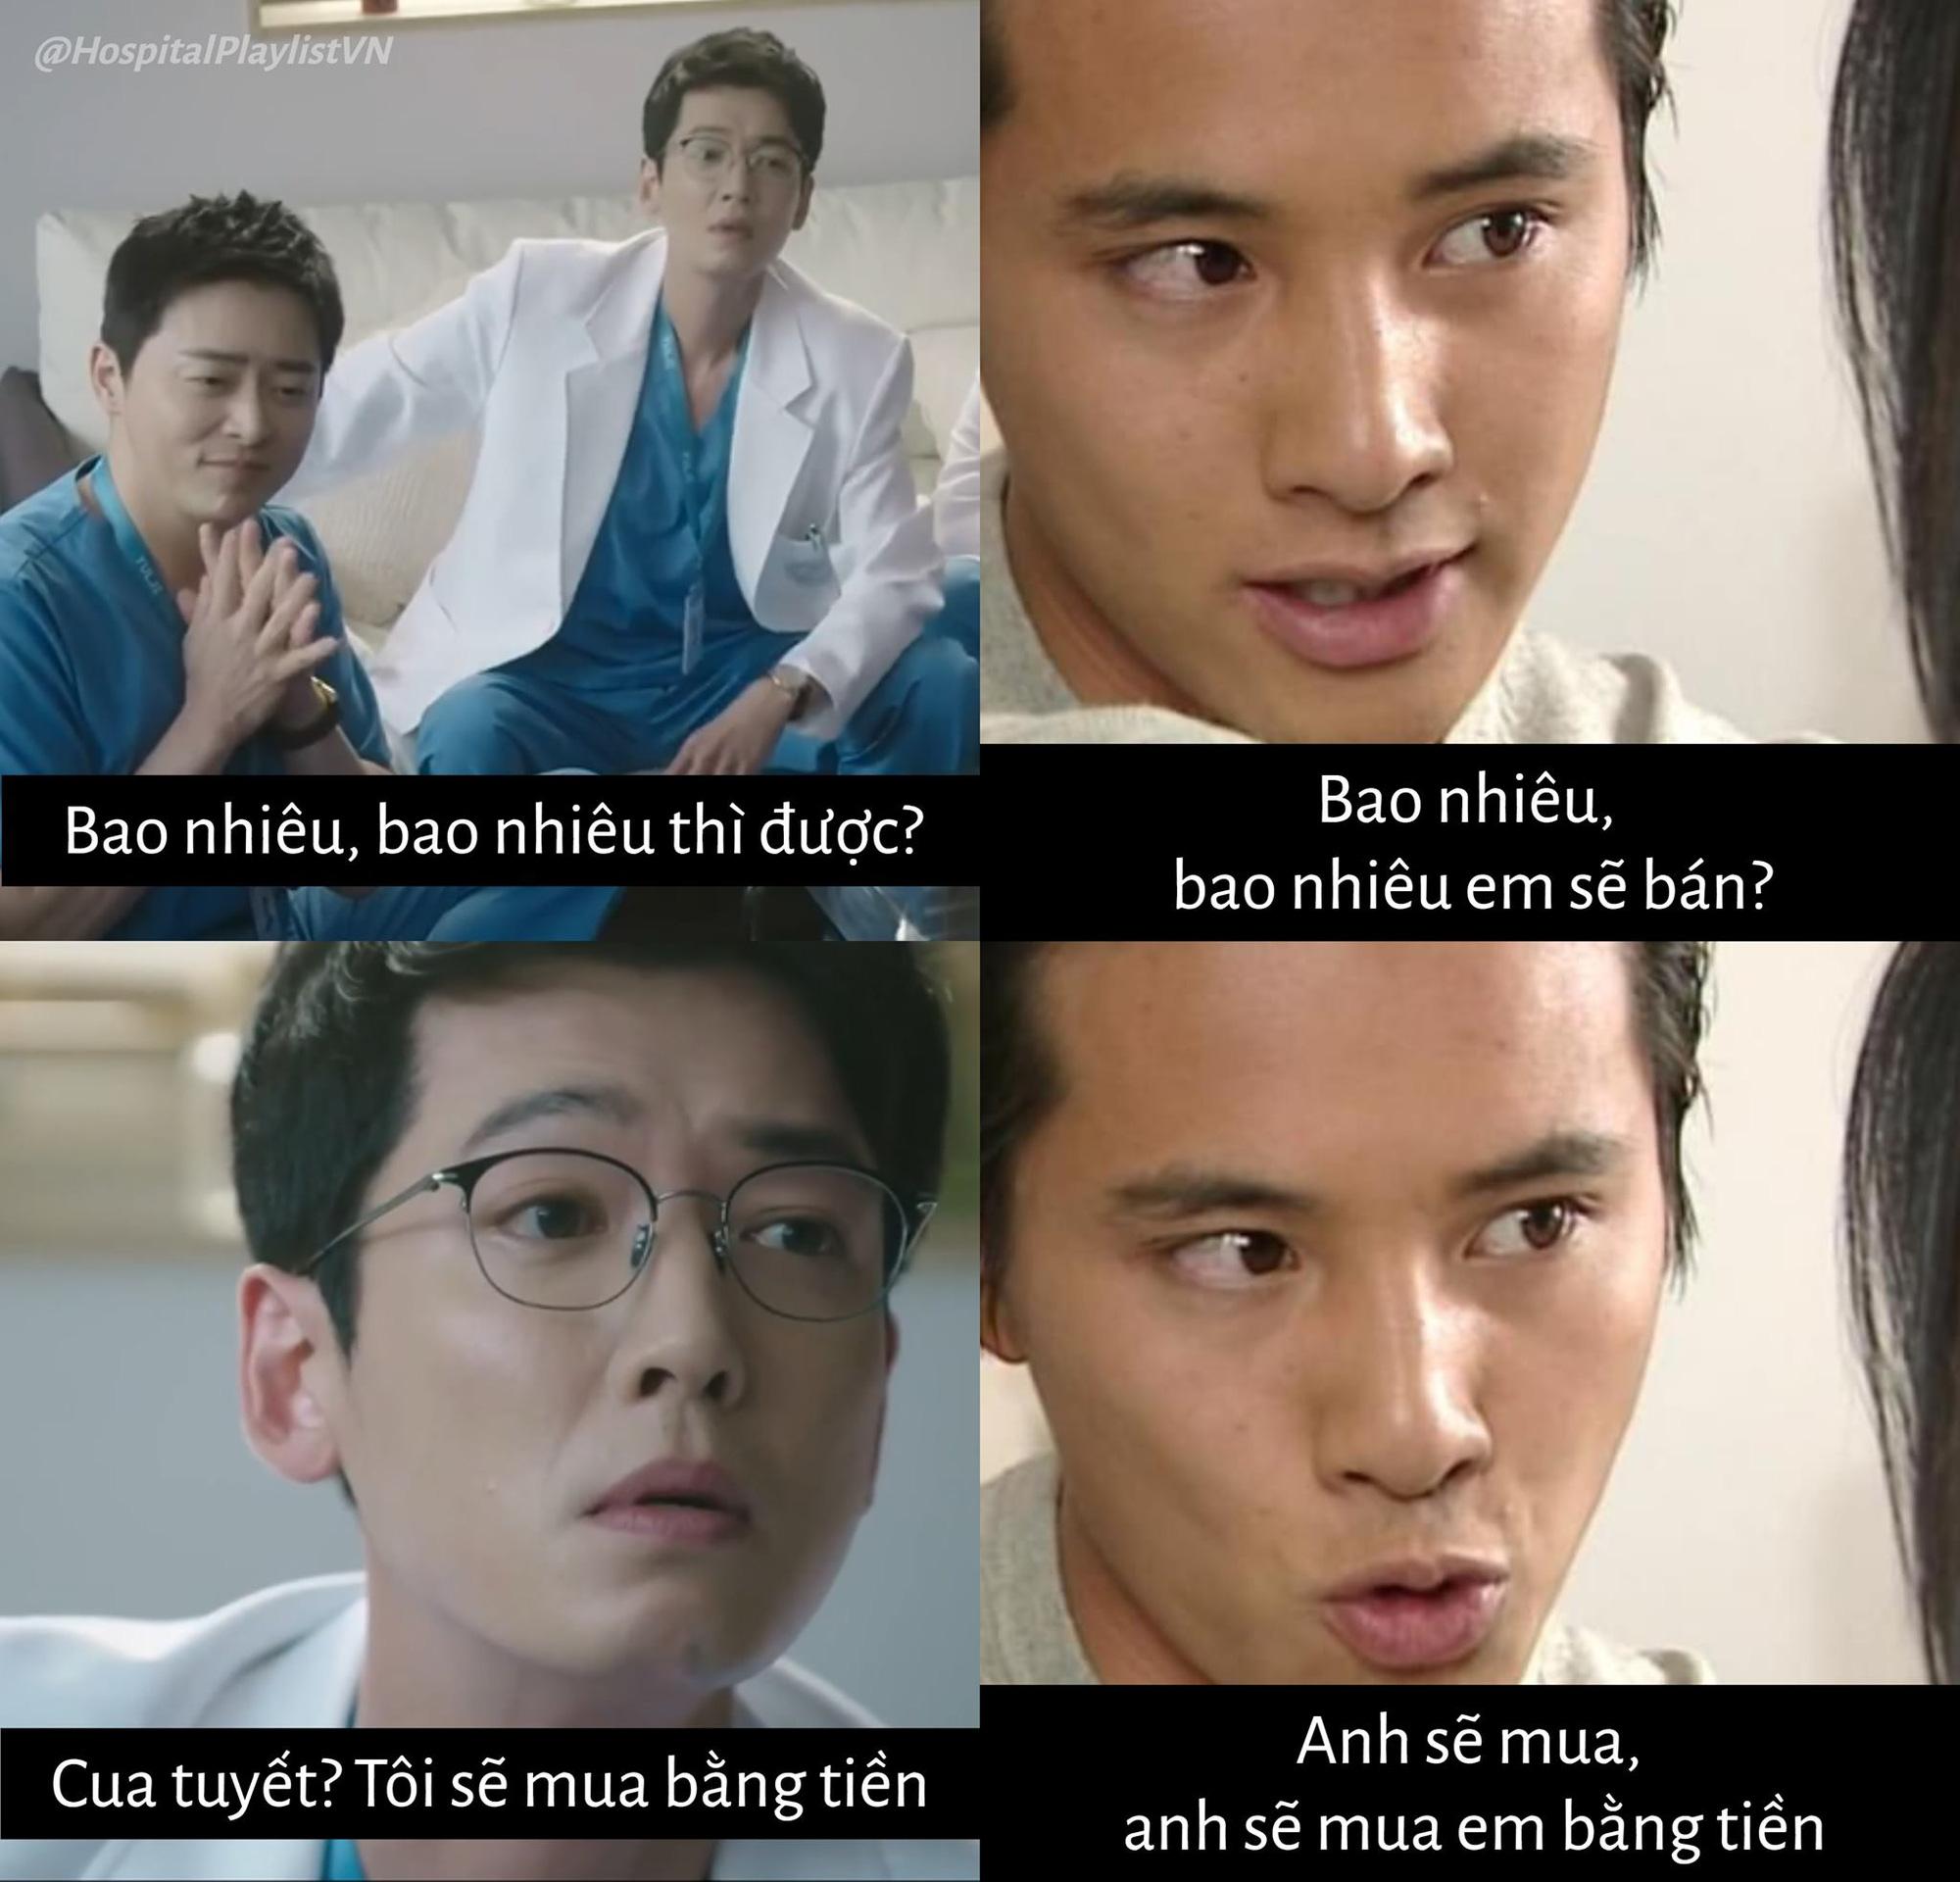 Hai chúa hề Hospital Playlist bị Song Hye Kyo - Won Bin nhập, ăn cua tuyết thôi mà tưởng Trái Tim Mùa Thu ùa về! - Ảnh 3.